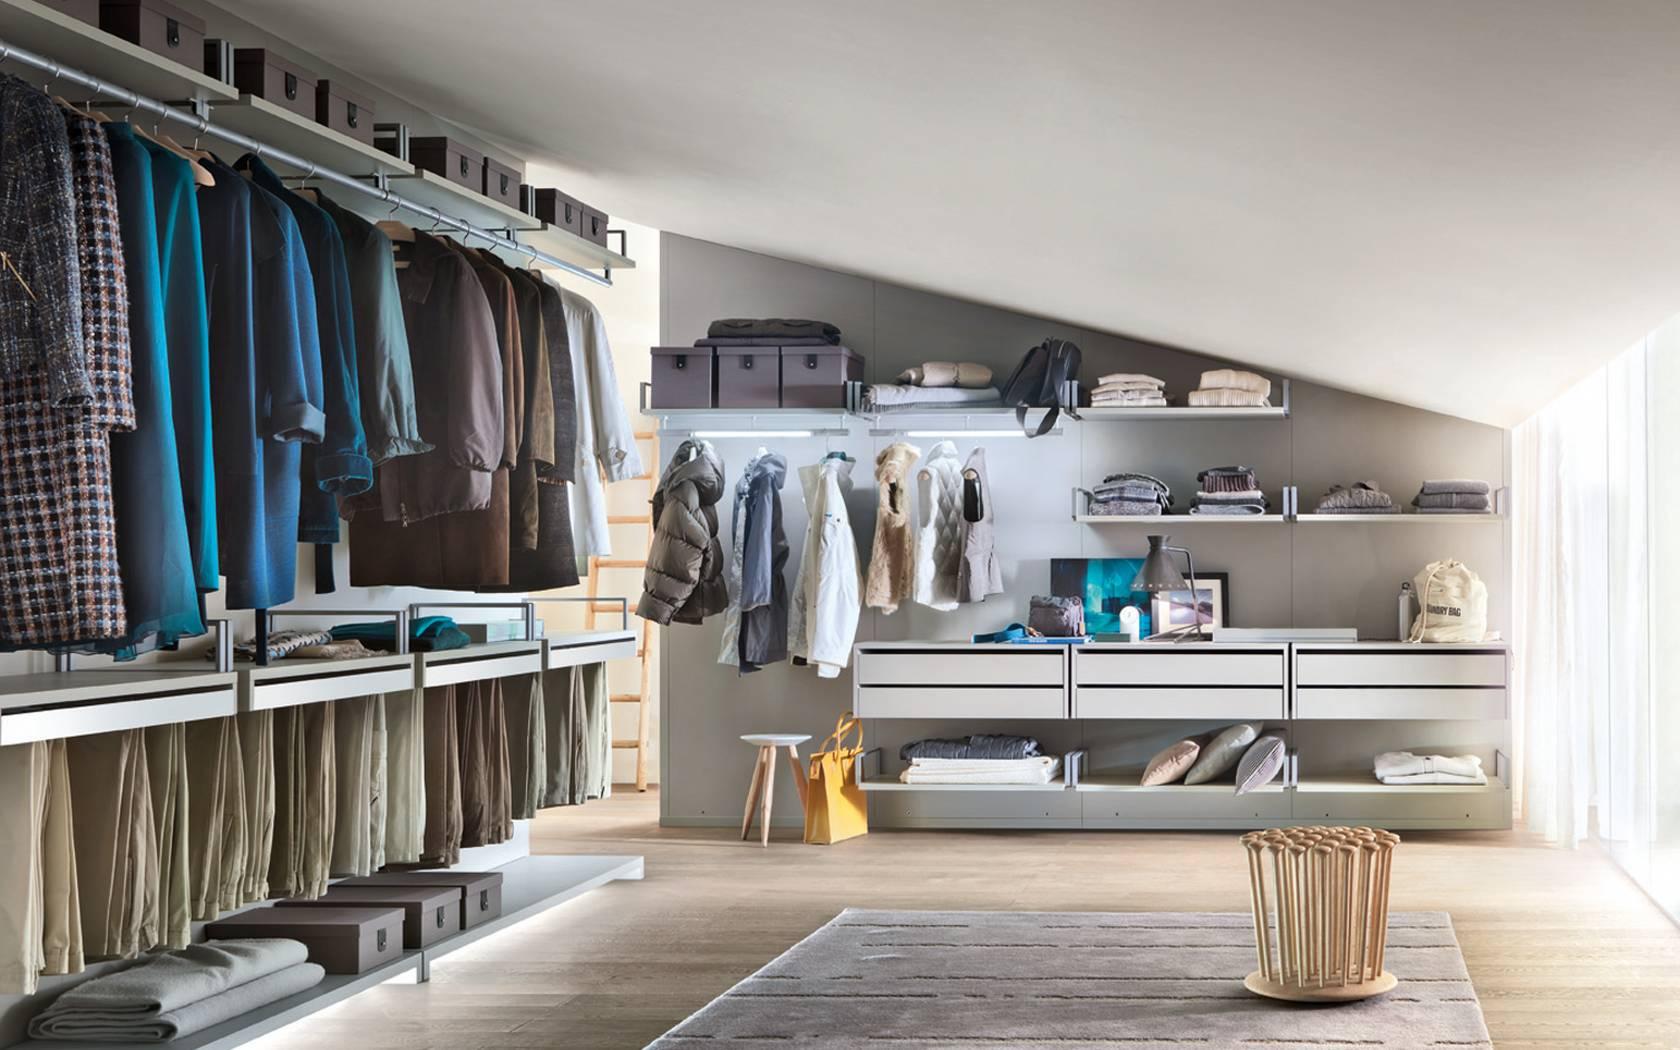 Cabina armadio vs armadio su misura - Soluzioni di Casa